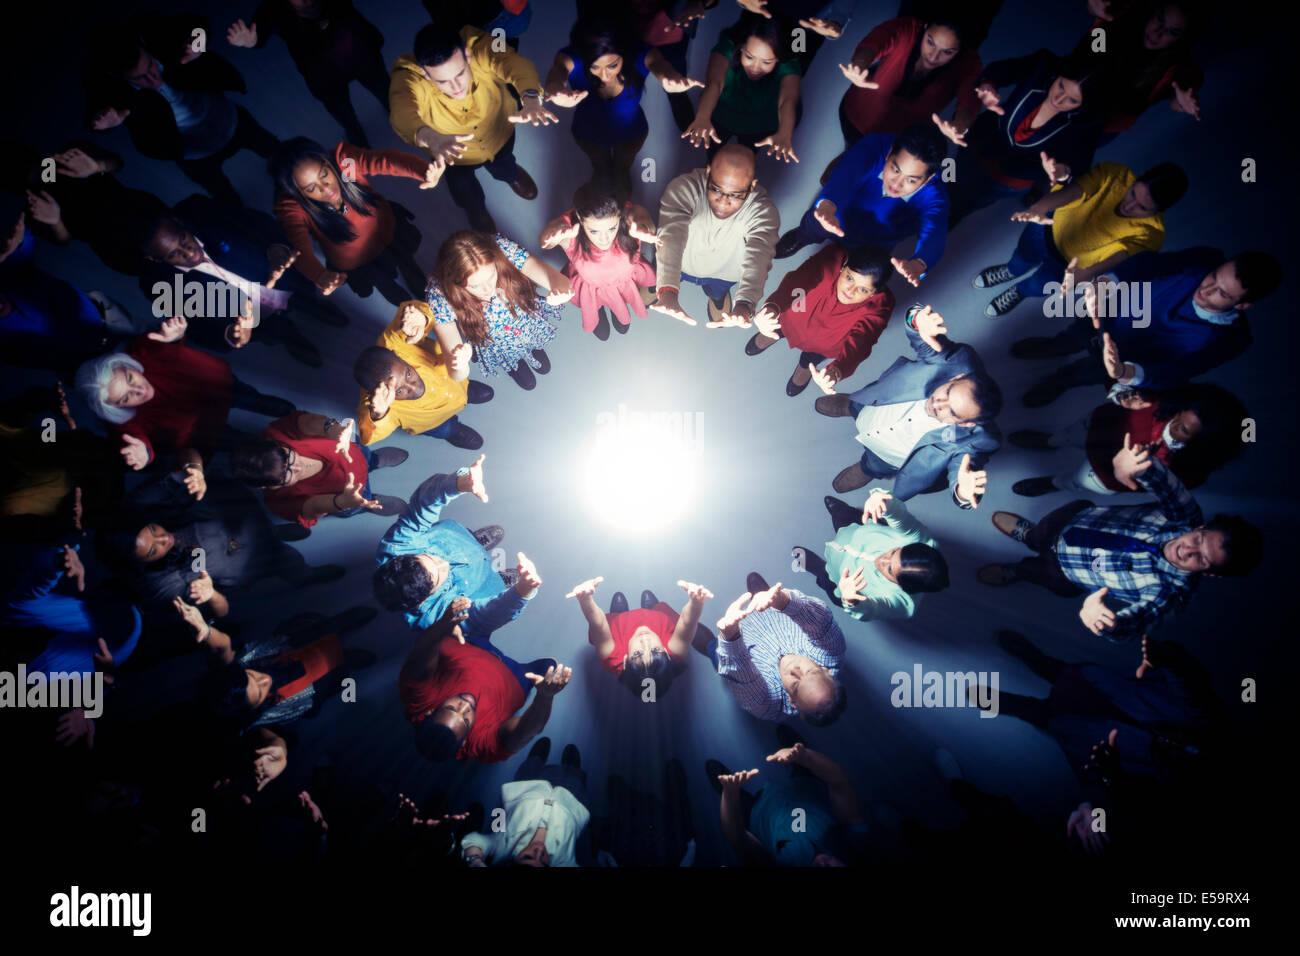 Les gens d'affaires faisant cercle autour de la lumière vive Banque D'Images